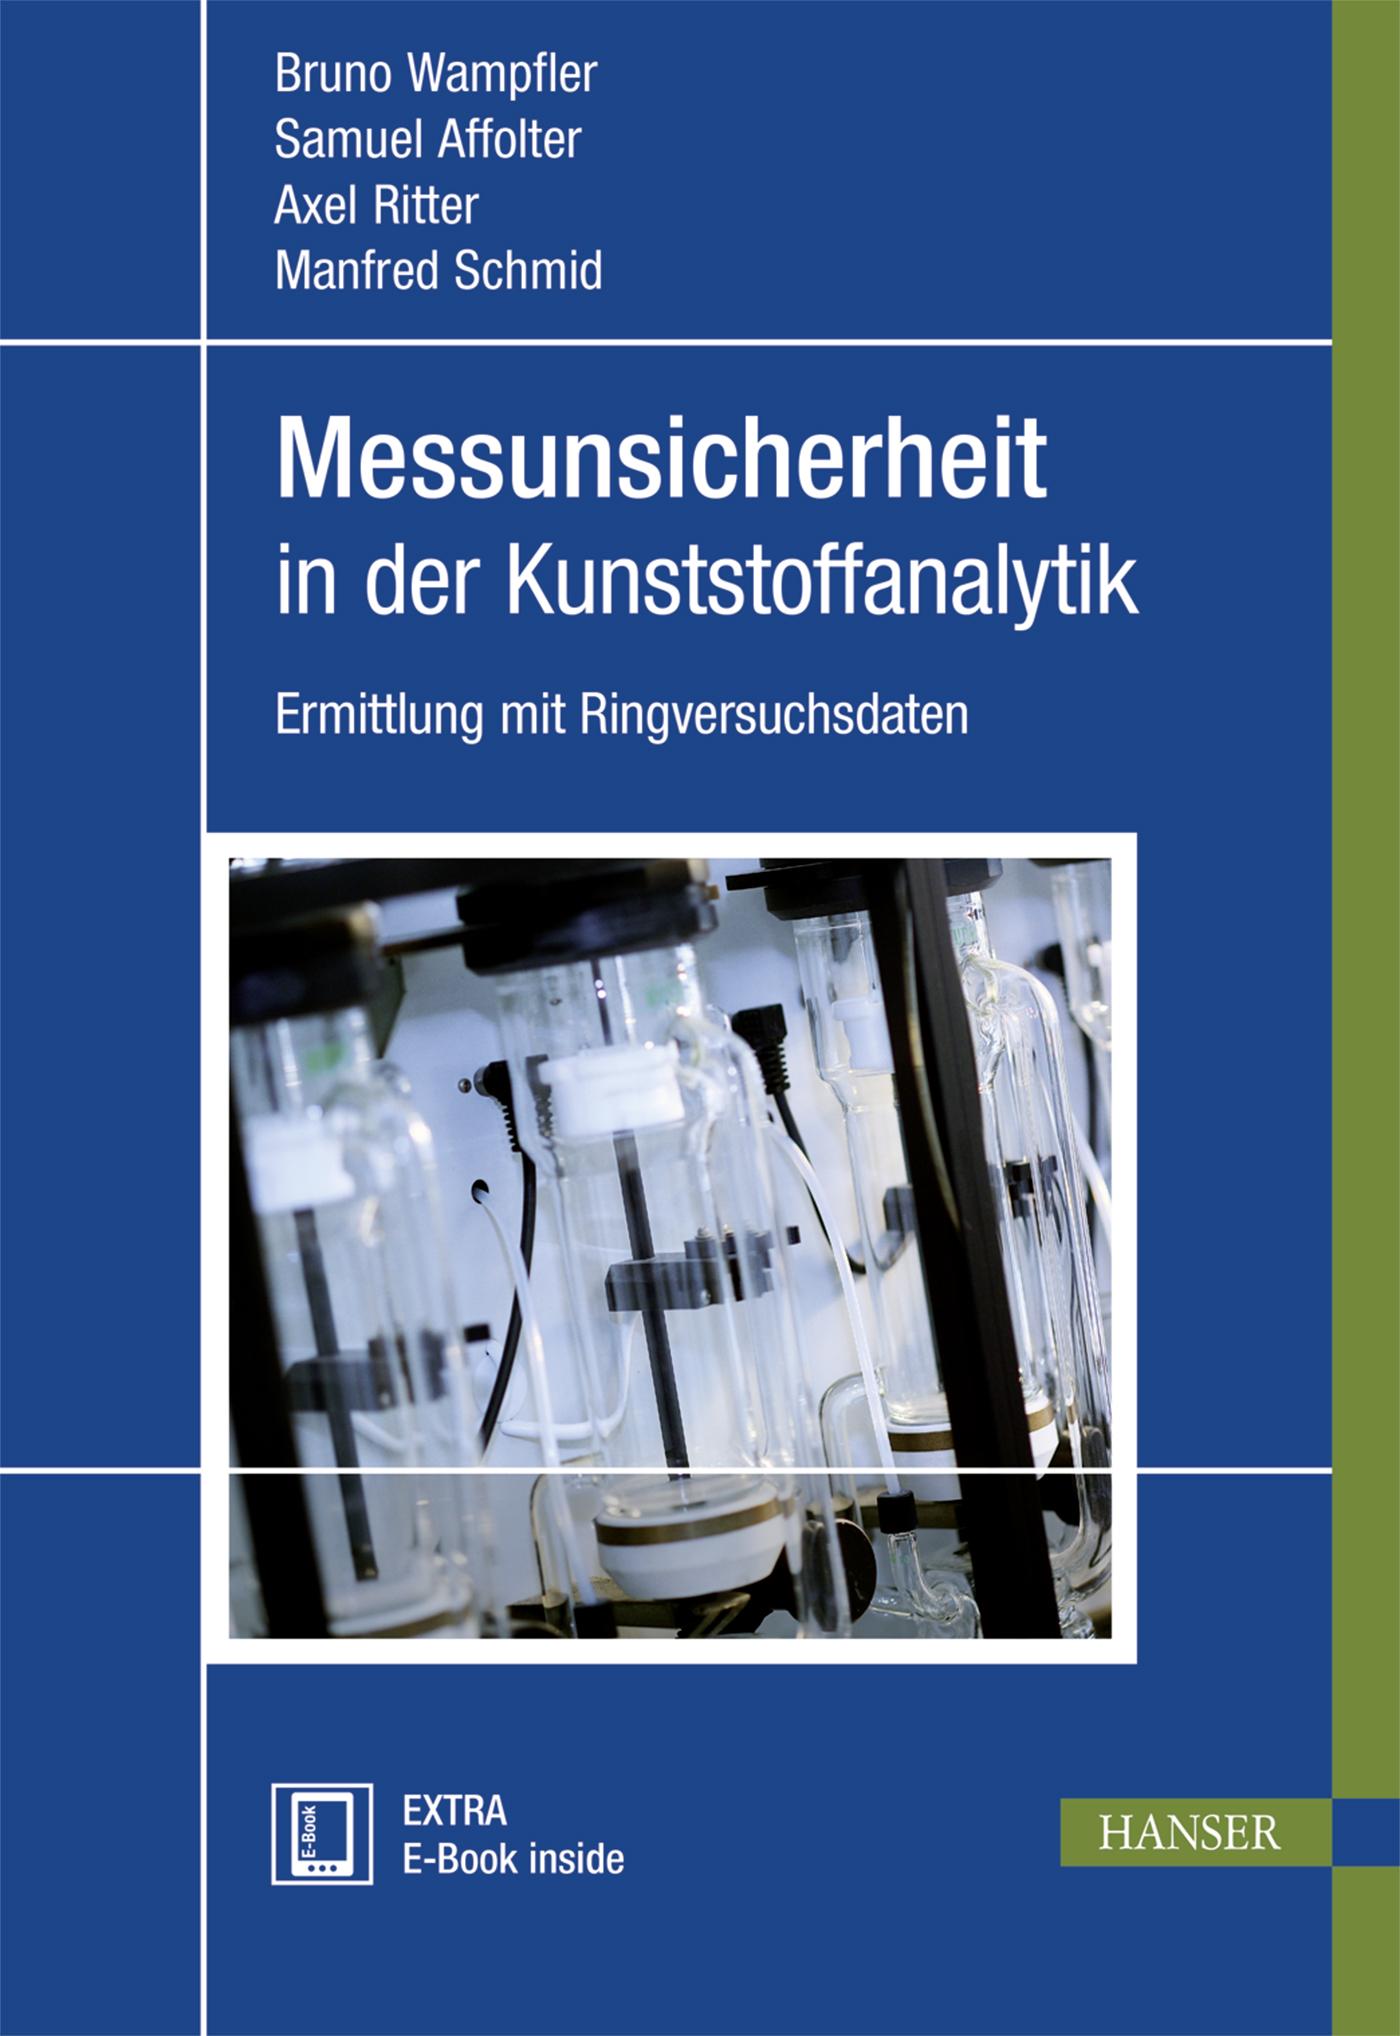 Wampfler, Affolter, Ritter, Schmid, Messunsicherheit in der Kunststoffanalytik, 978-3-446-45286-2